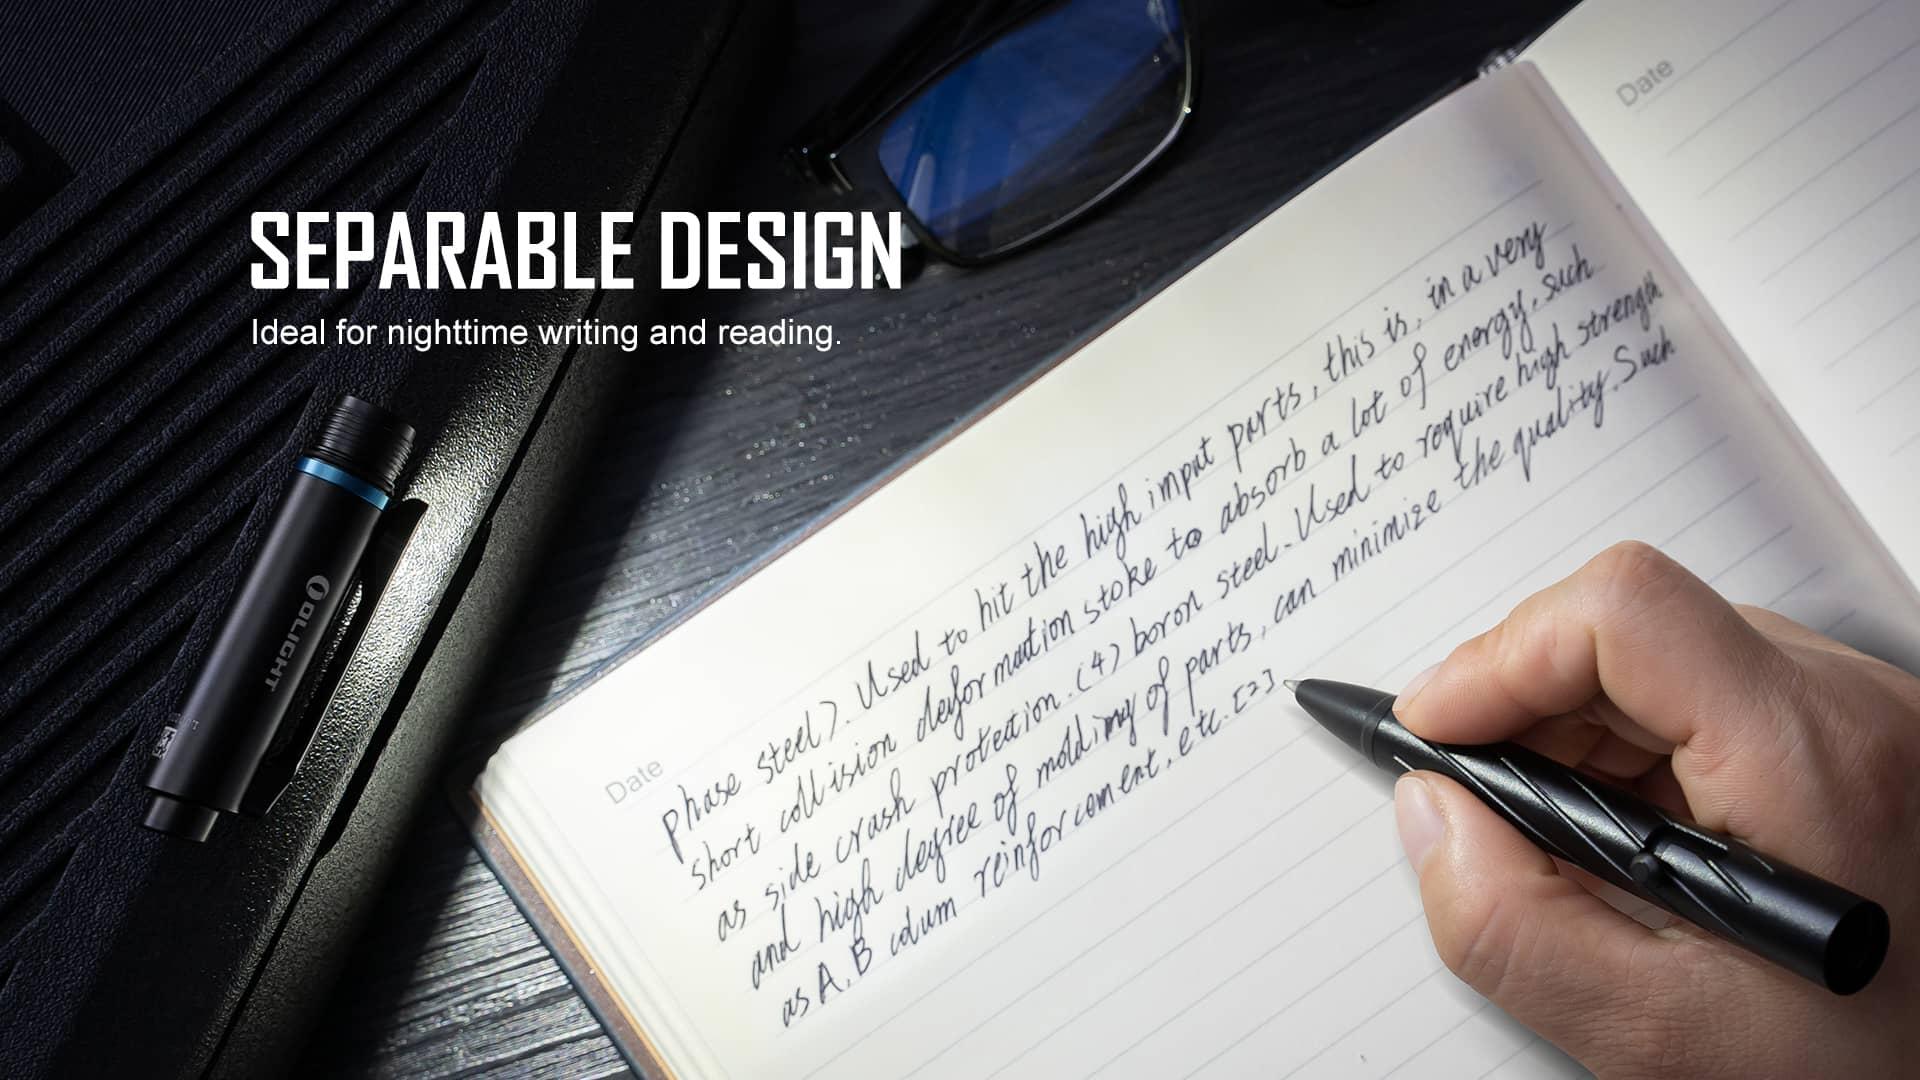 Open Pro Pen Light Separable Design